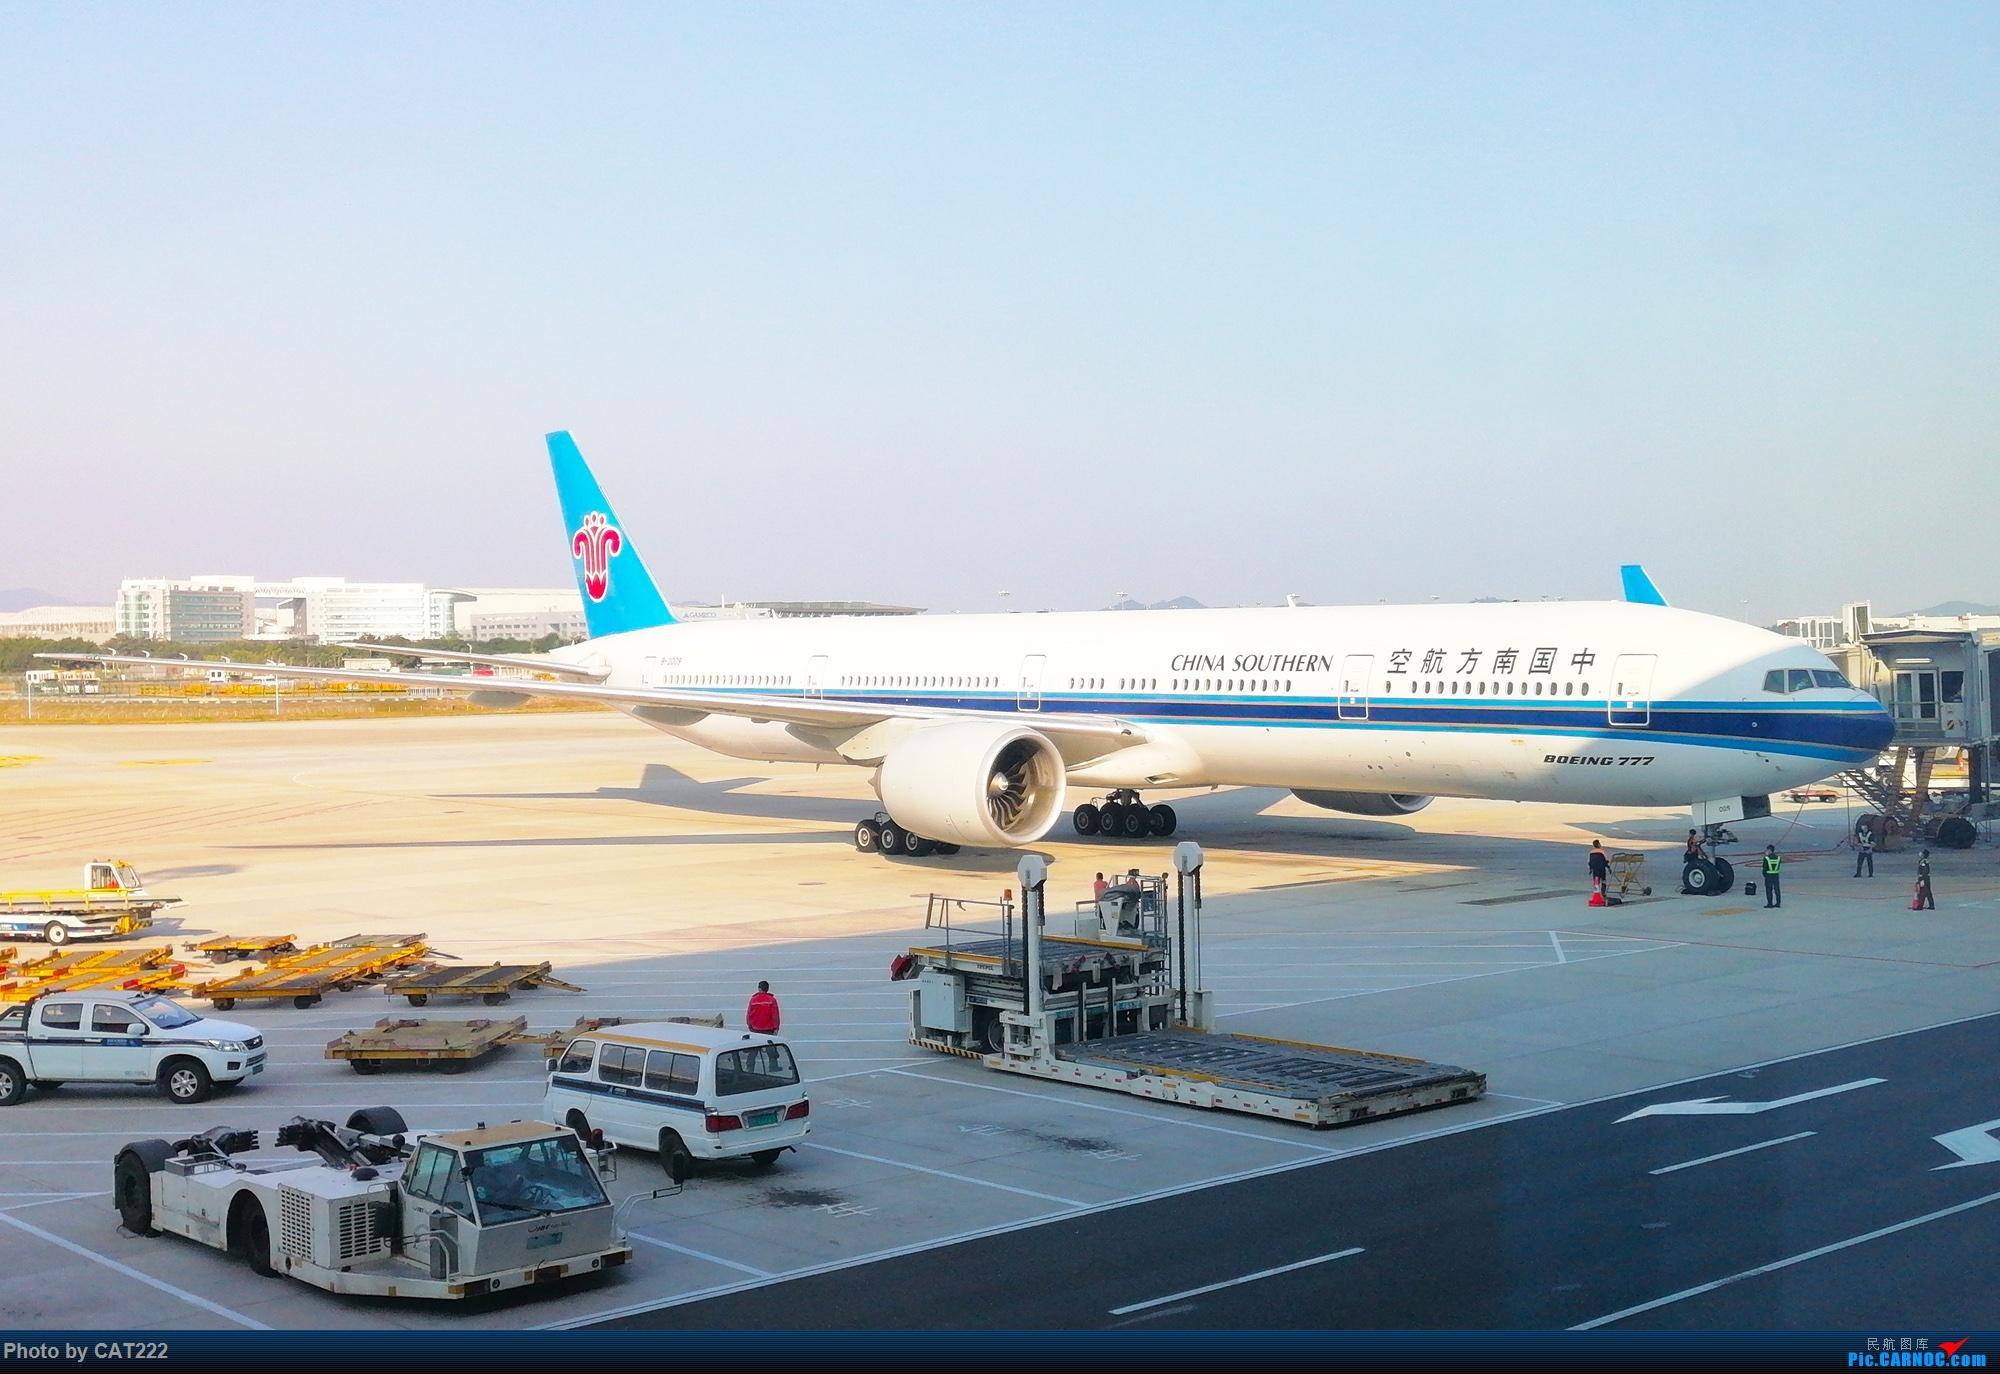 Re:[原创]飞机上看广州(经广州塔) BOEING 777-300 B-2009 广州白云国际机场